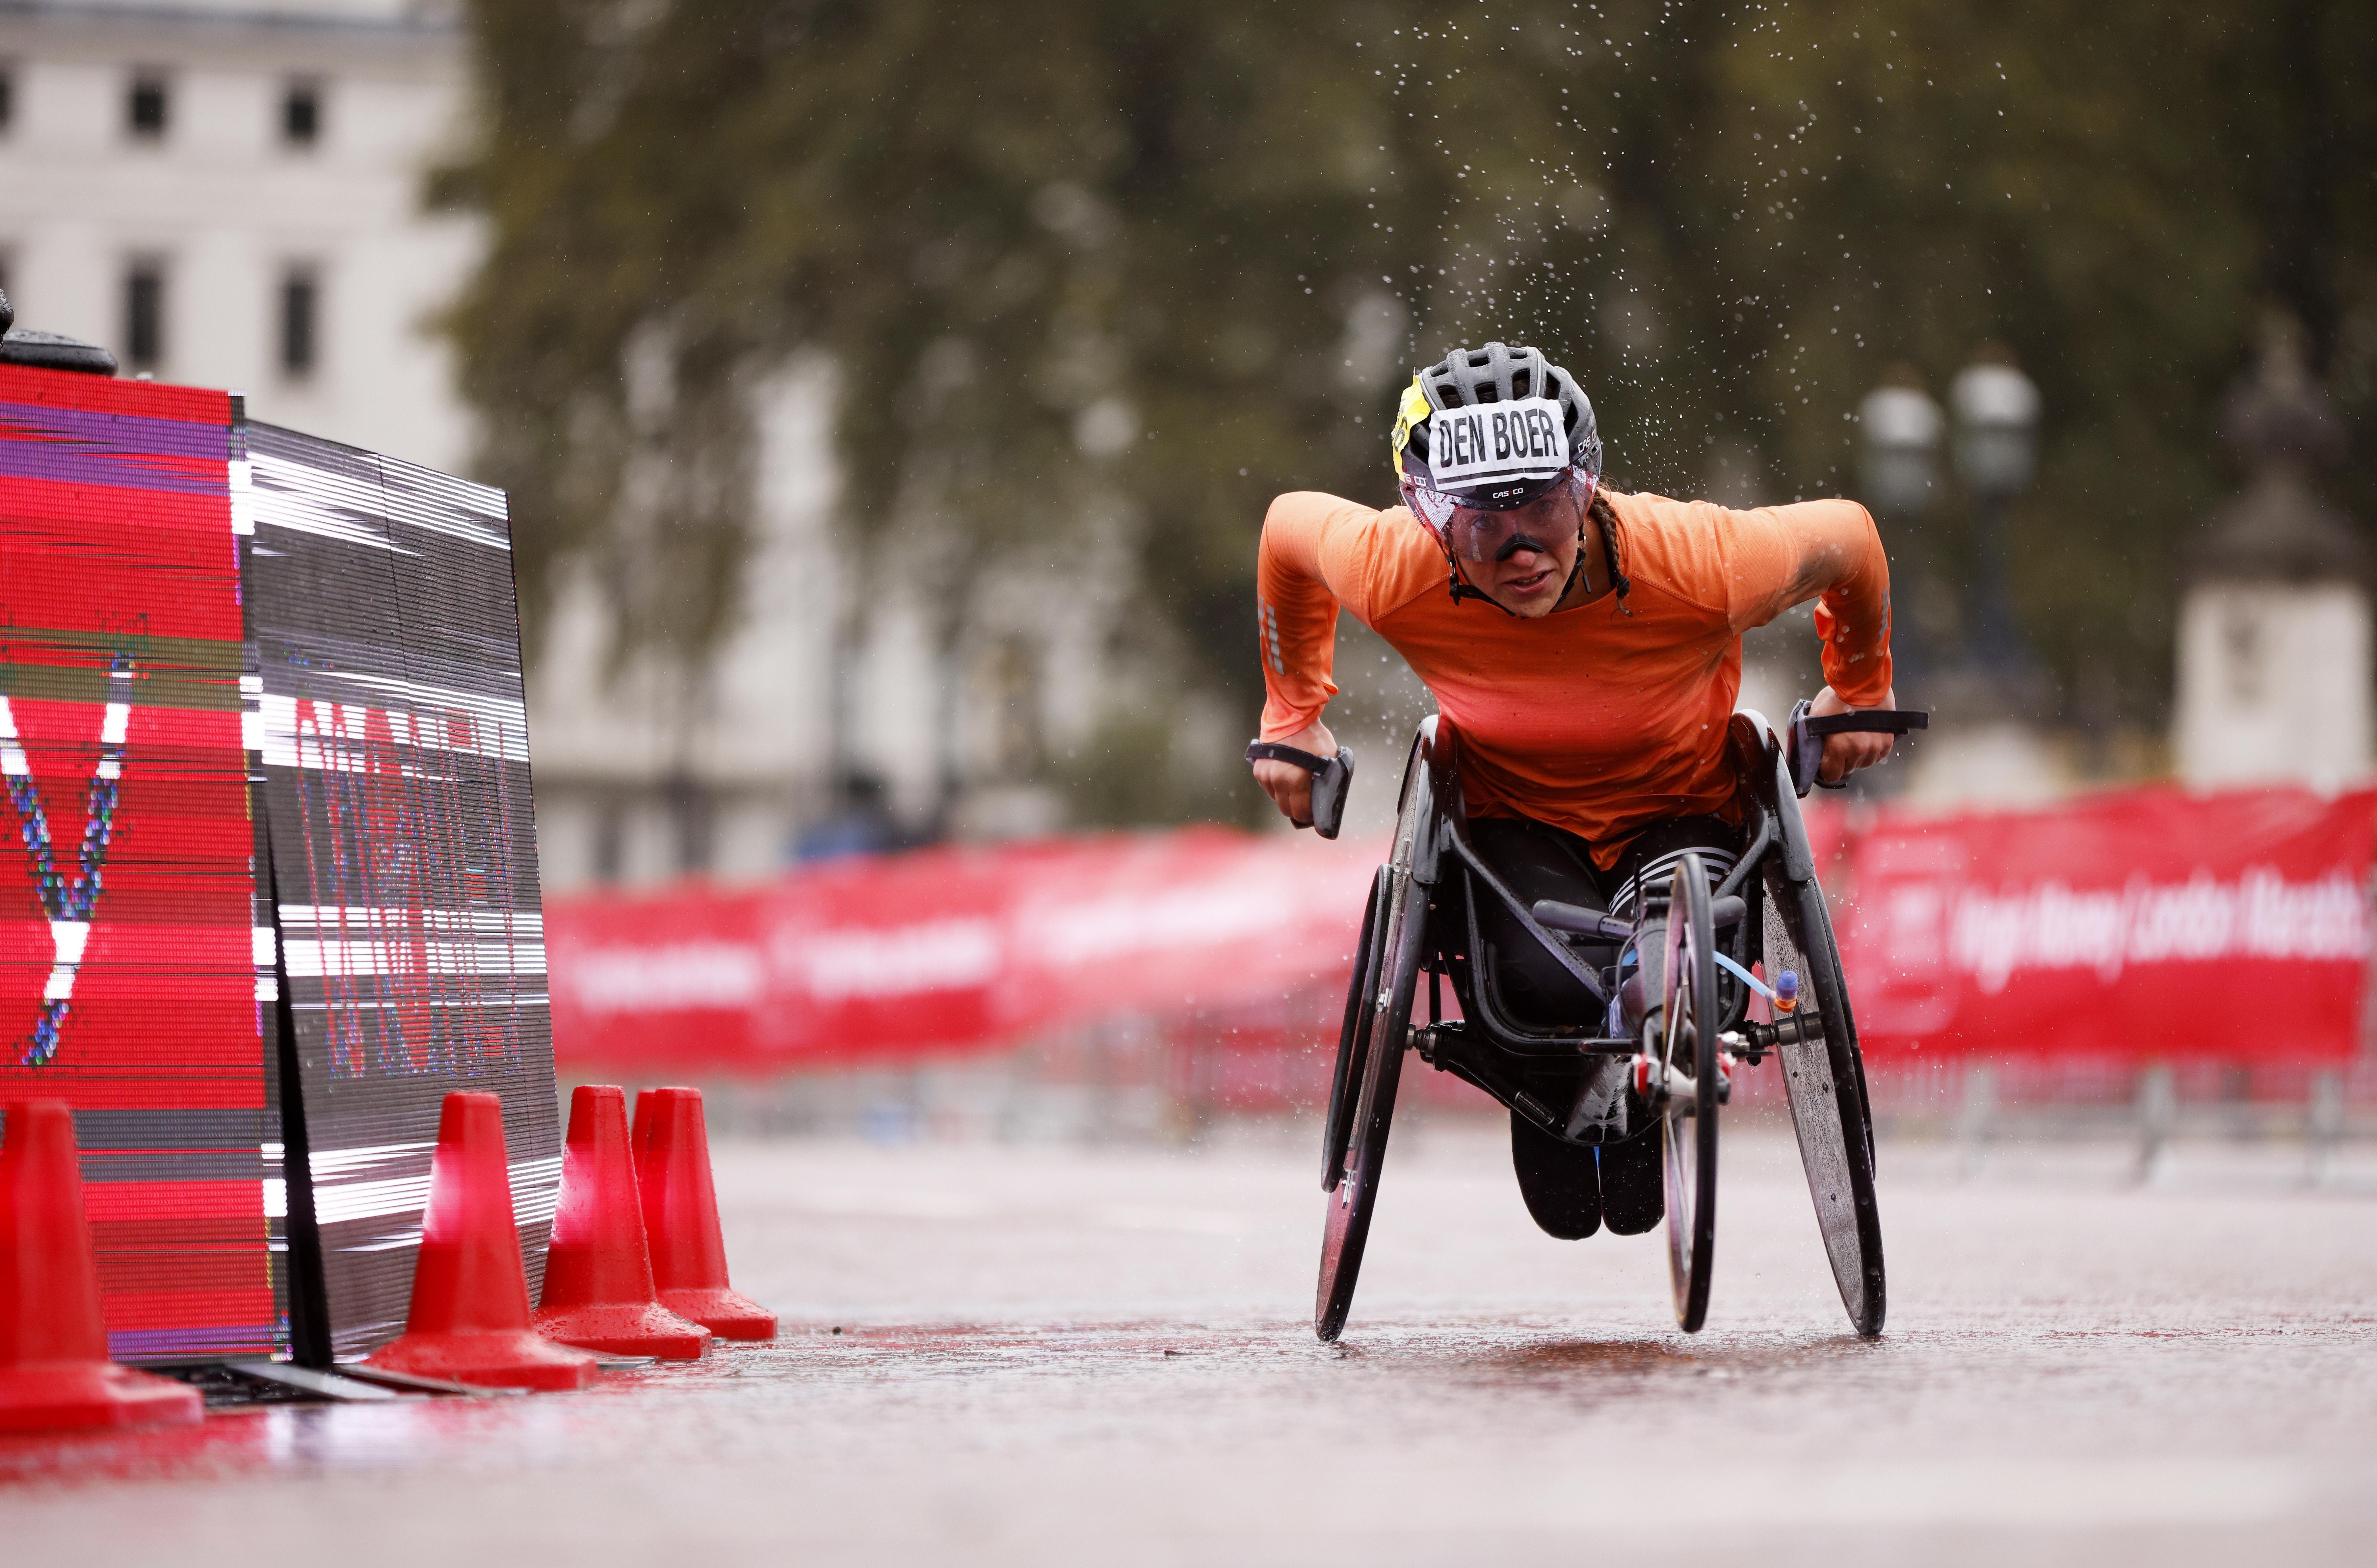 Haarlemse wheeler Den Boer wint marathon van Londen. 'In het hotel kregen alle atleten een band om hun nek met een apparaat dat rood kleurde en een hoop lawaai maakte als je je binnen anderhalve meter bij iemand anders bevond'